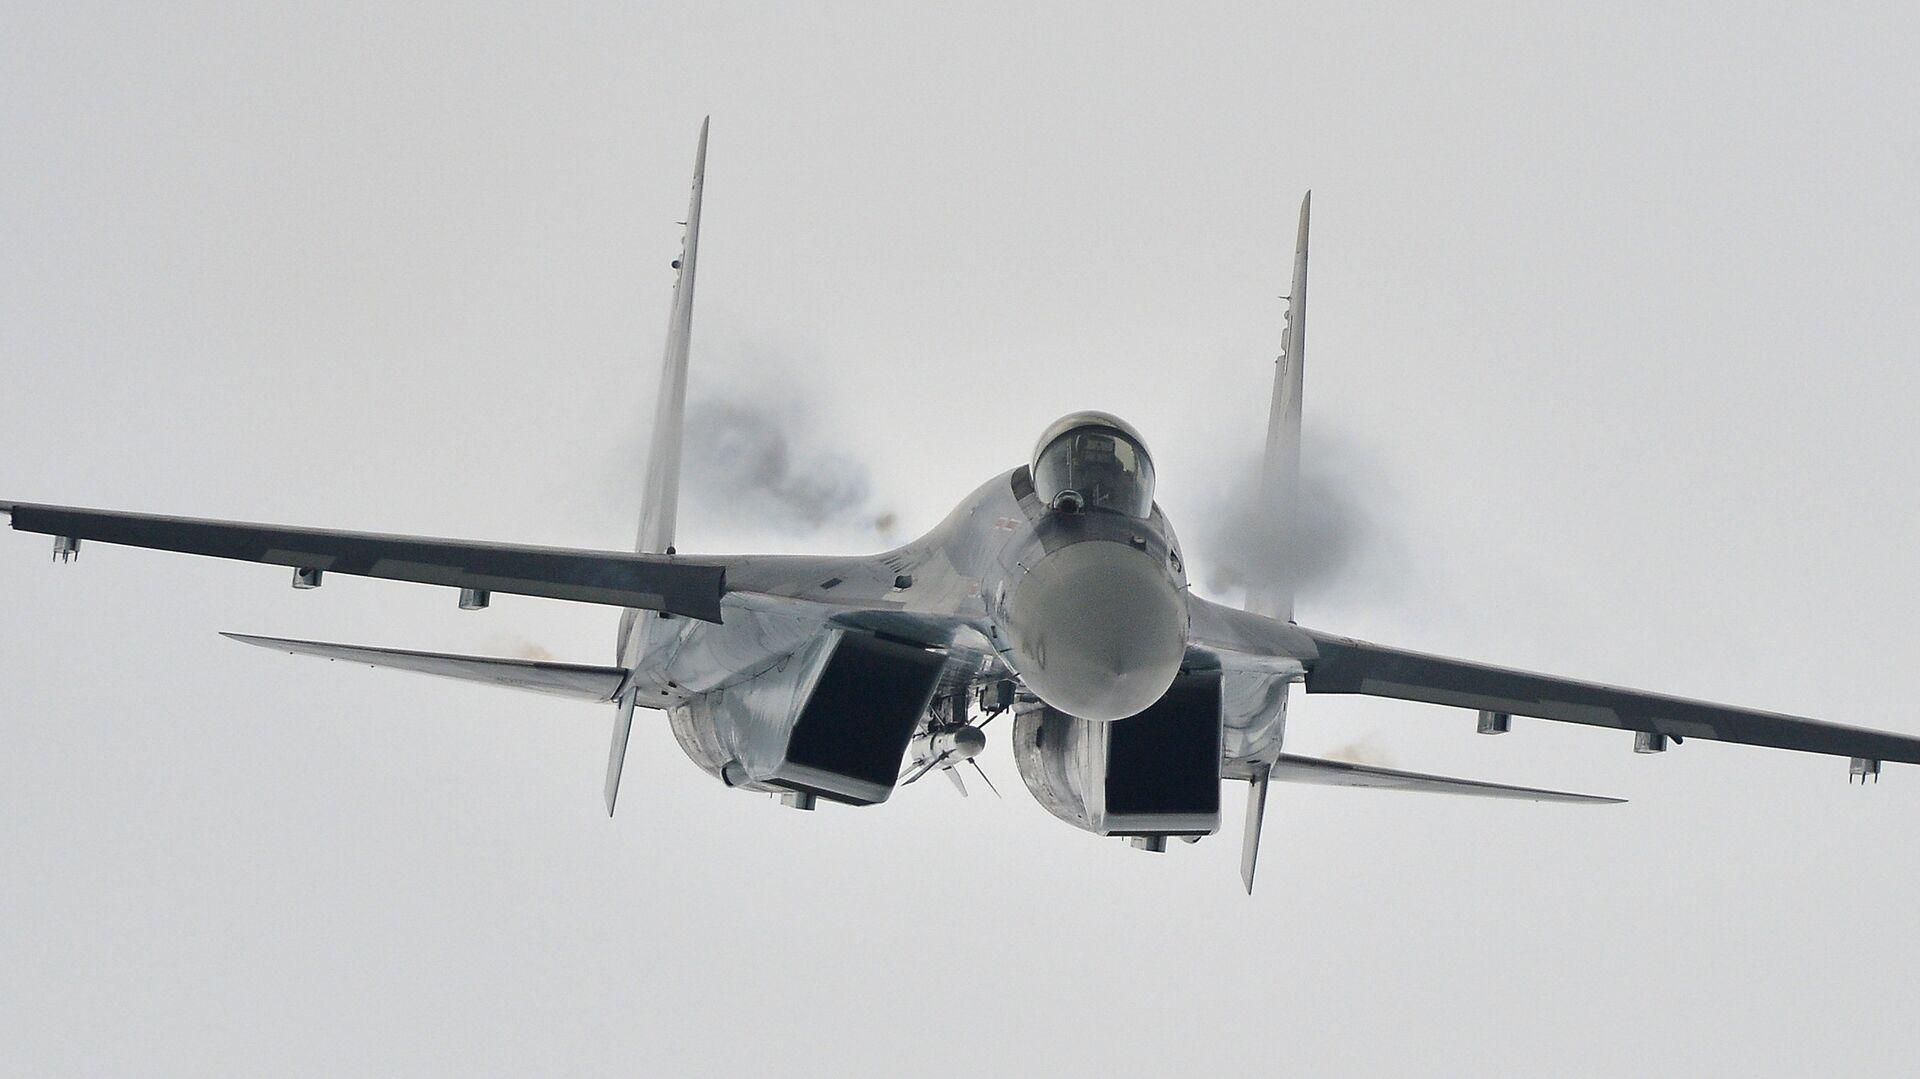 Многоцелевой сверхманевренный истребитель Су-35 во время демонстрационного полета - РИА Новости, 1920, 02.03.2021